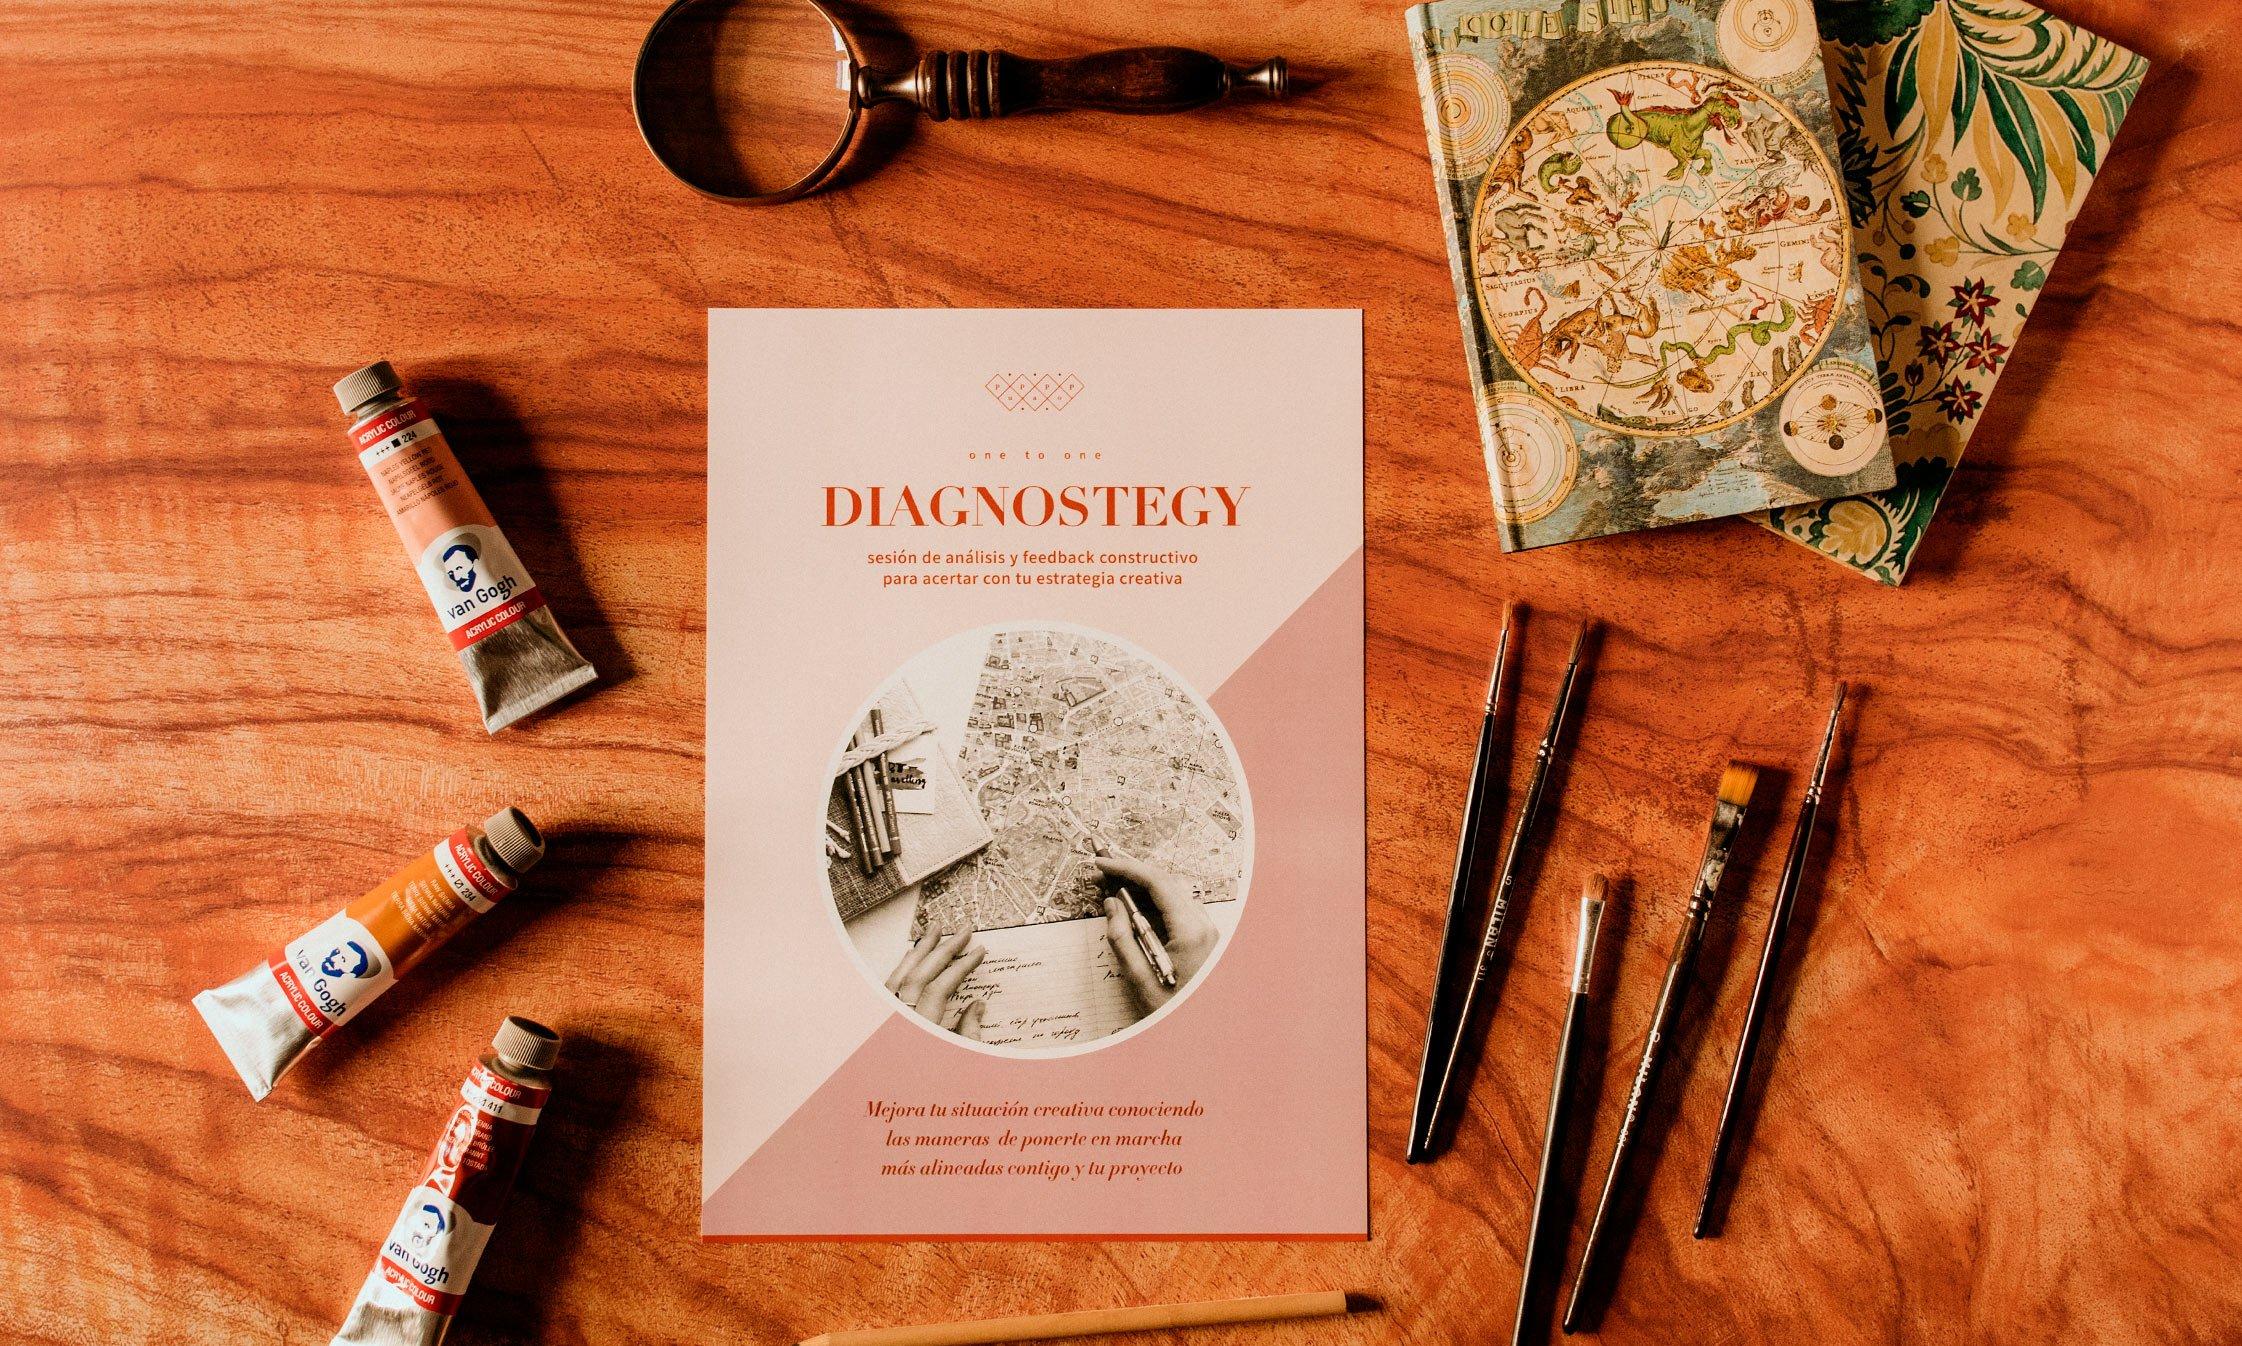 diagnostegy sesión creativa by pupapop